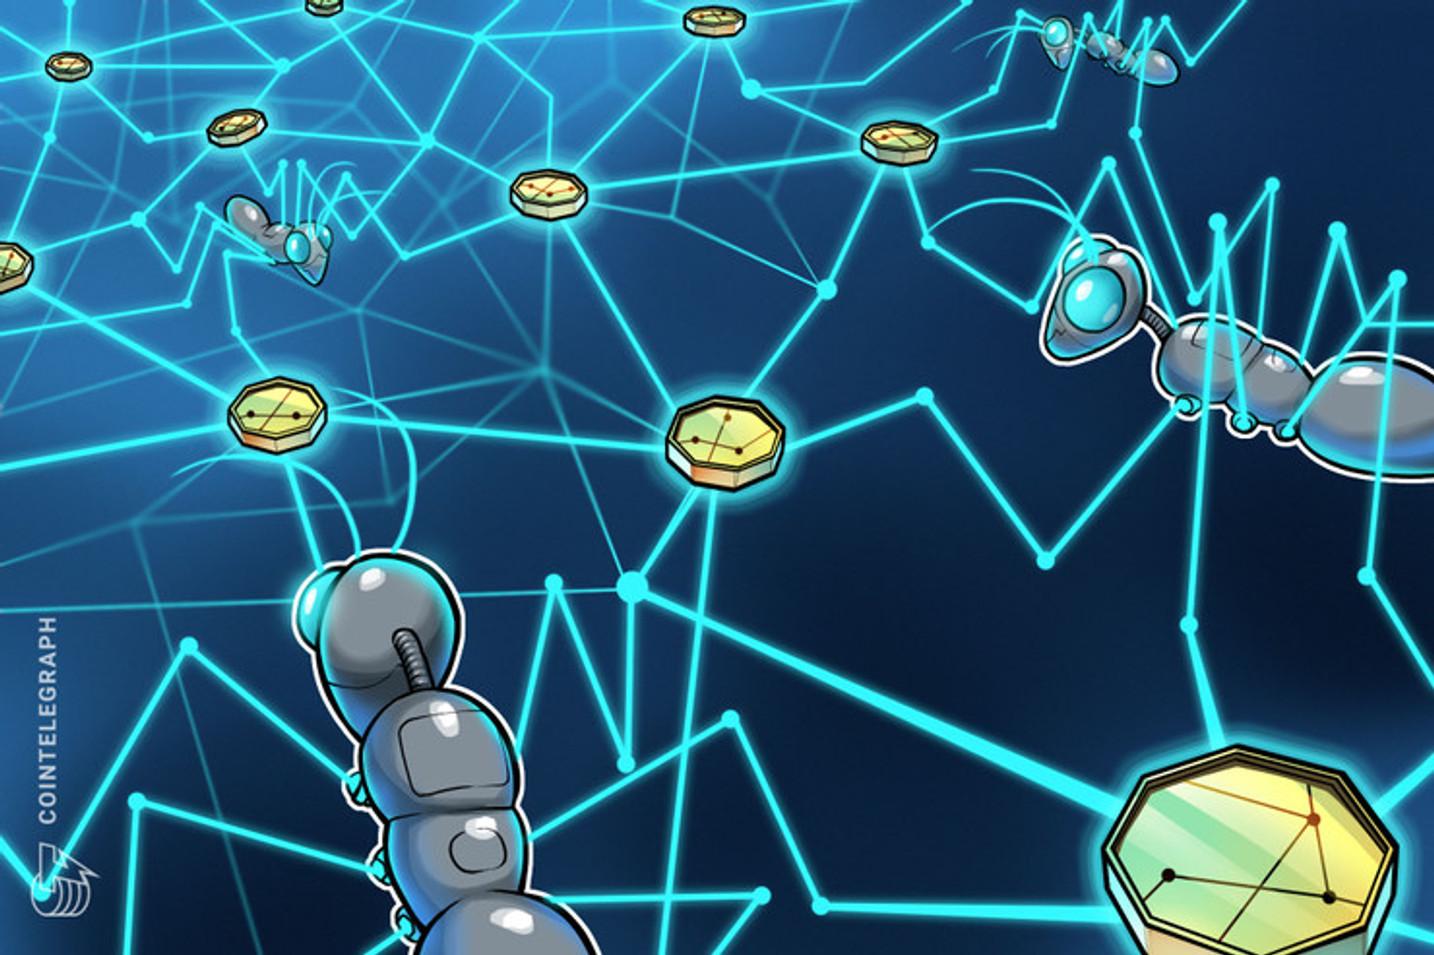 Brindarán una charla sobre Sovryn como plataforma de intercambio y préstamo de Bitcoin